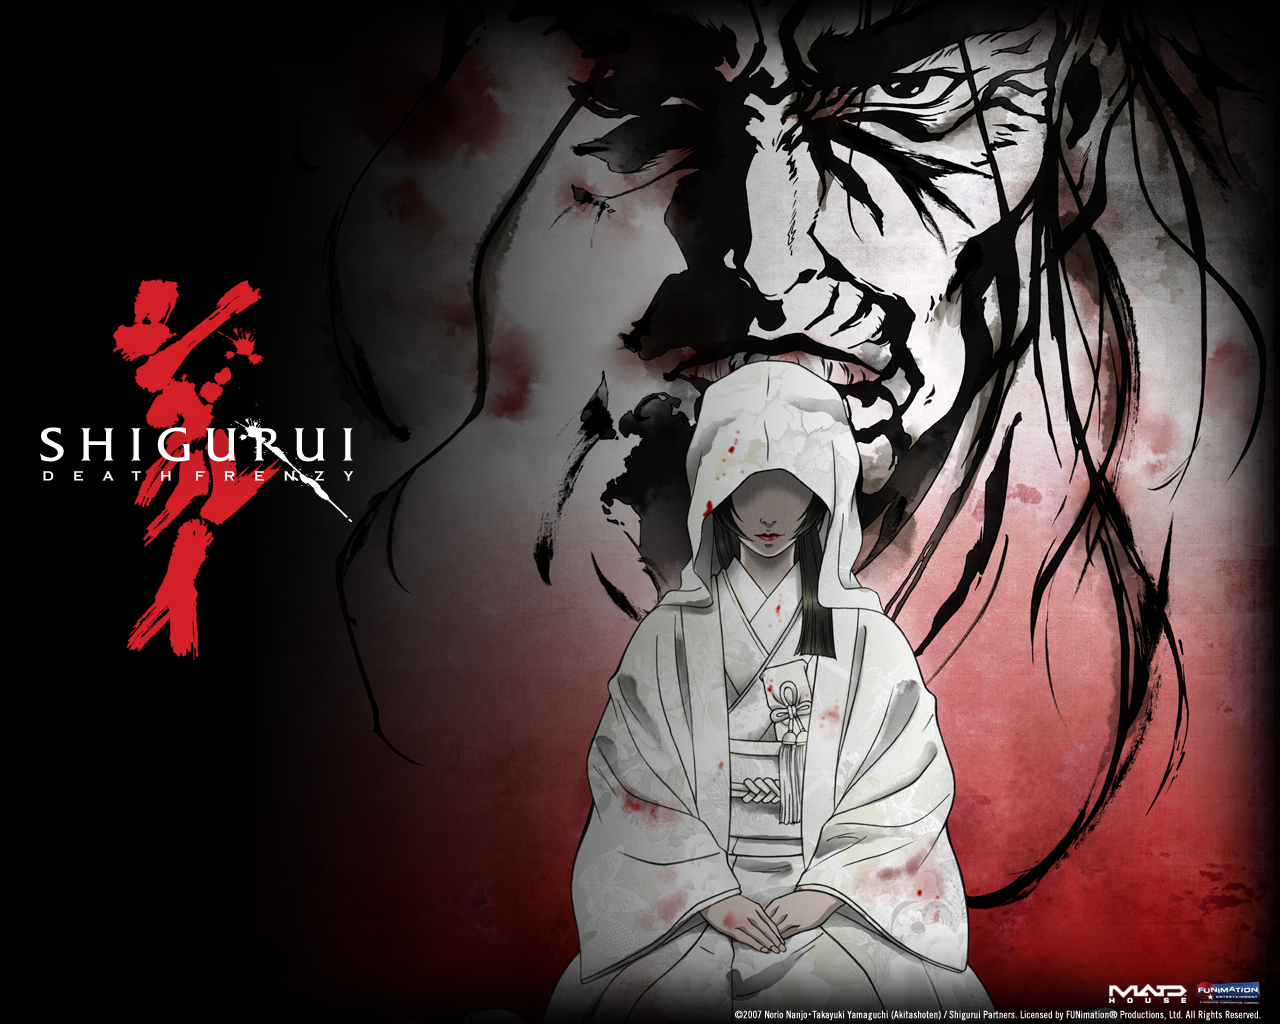 shigurui_death_frenzy_001_1280x1024.jpg